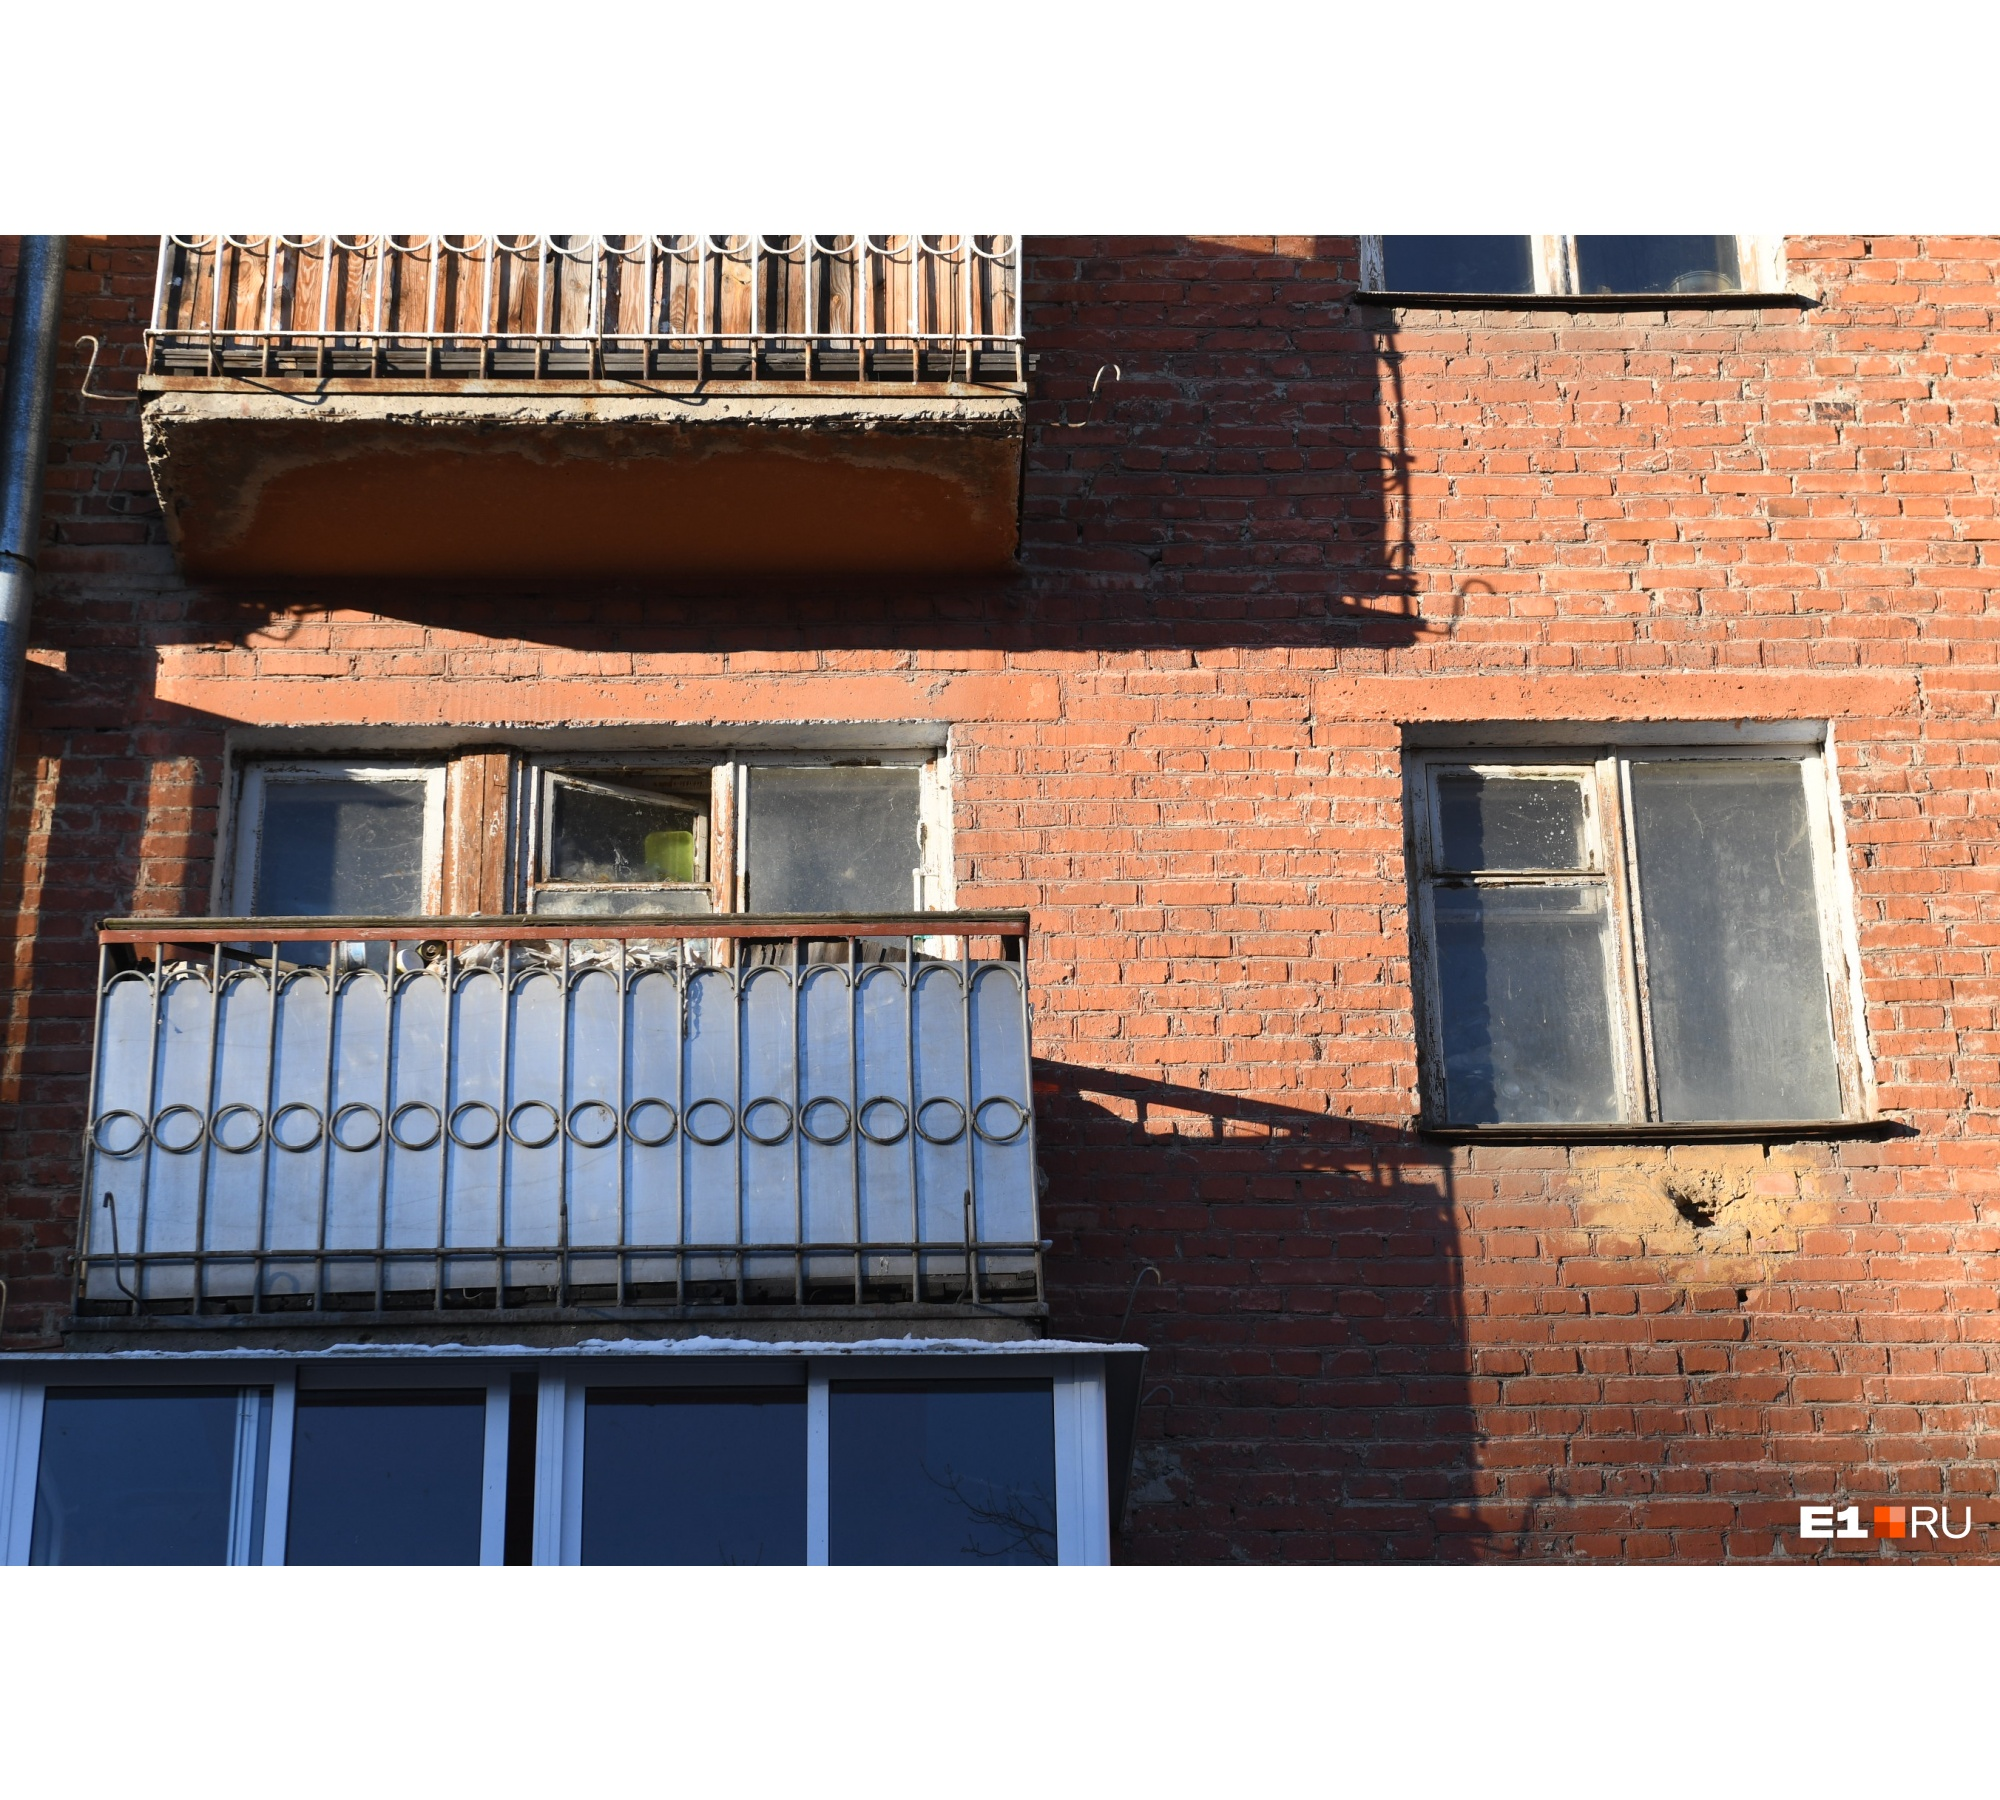 Квартира относится к муниципальному жилому фонду